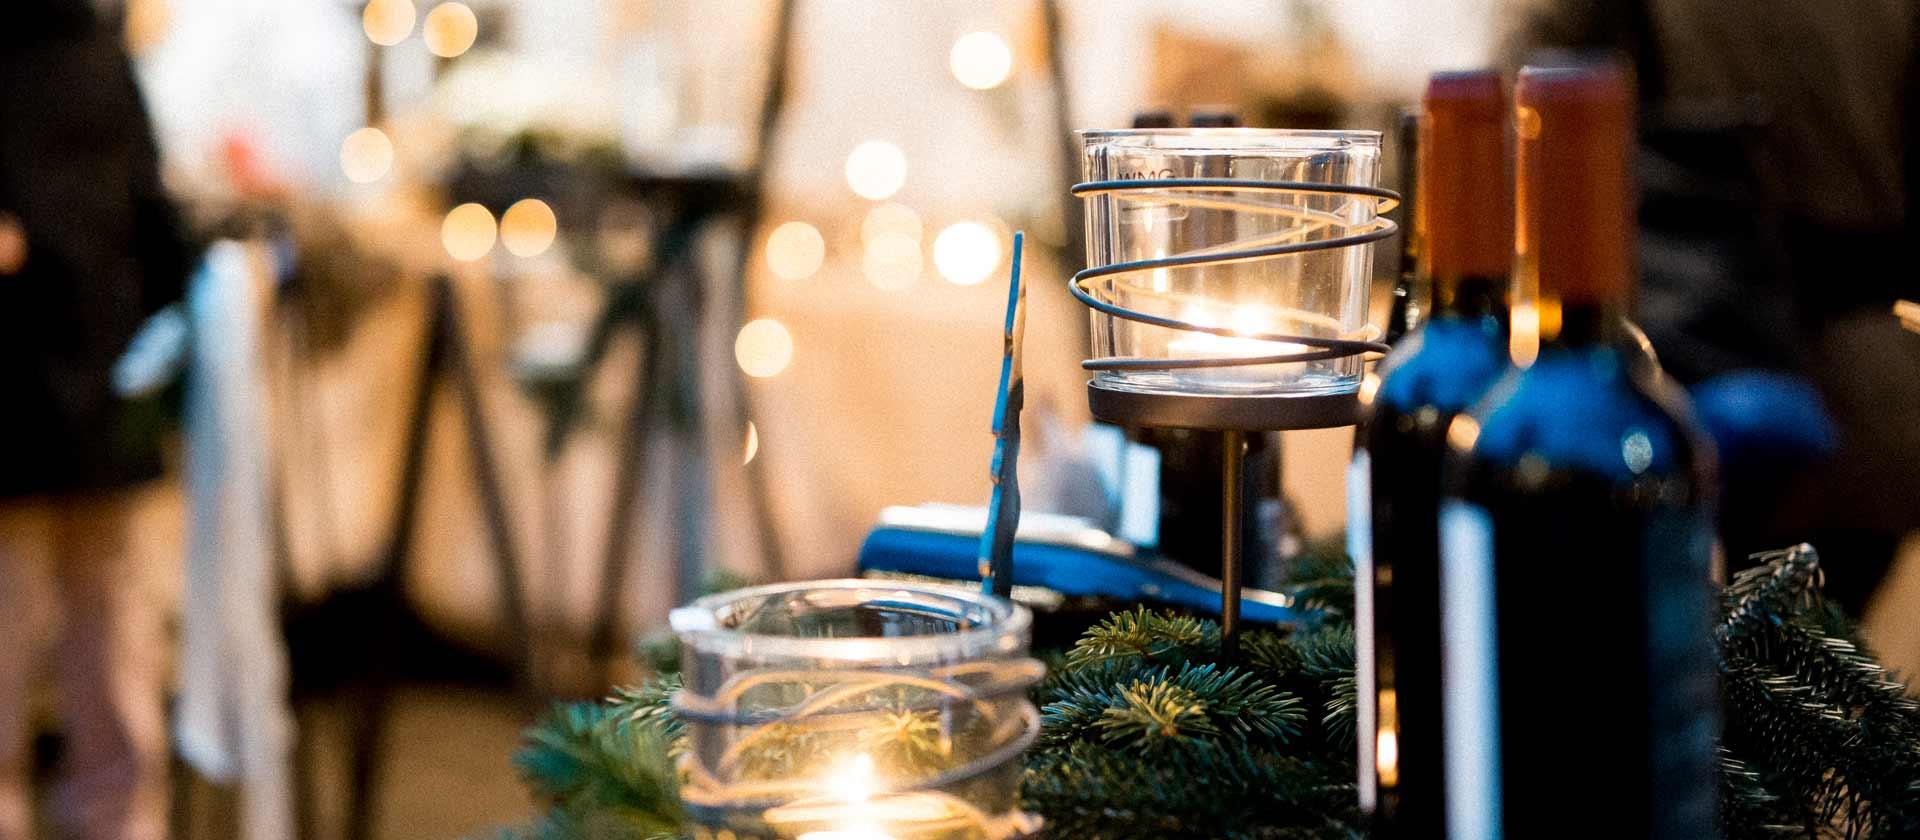 öffnungszeiten Weihnachtsmarkt Heidelberg.Weihnachtsmarkt Heidelberg Grenzhof 1920x840 Hotel Restaurant